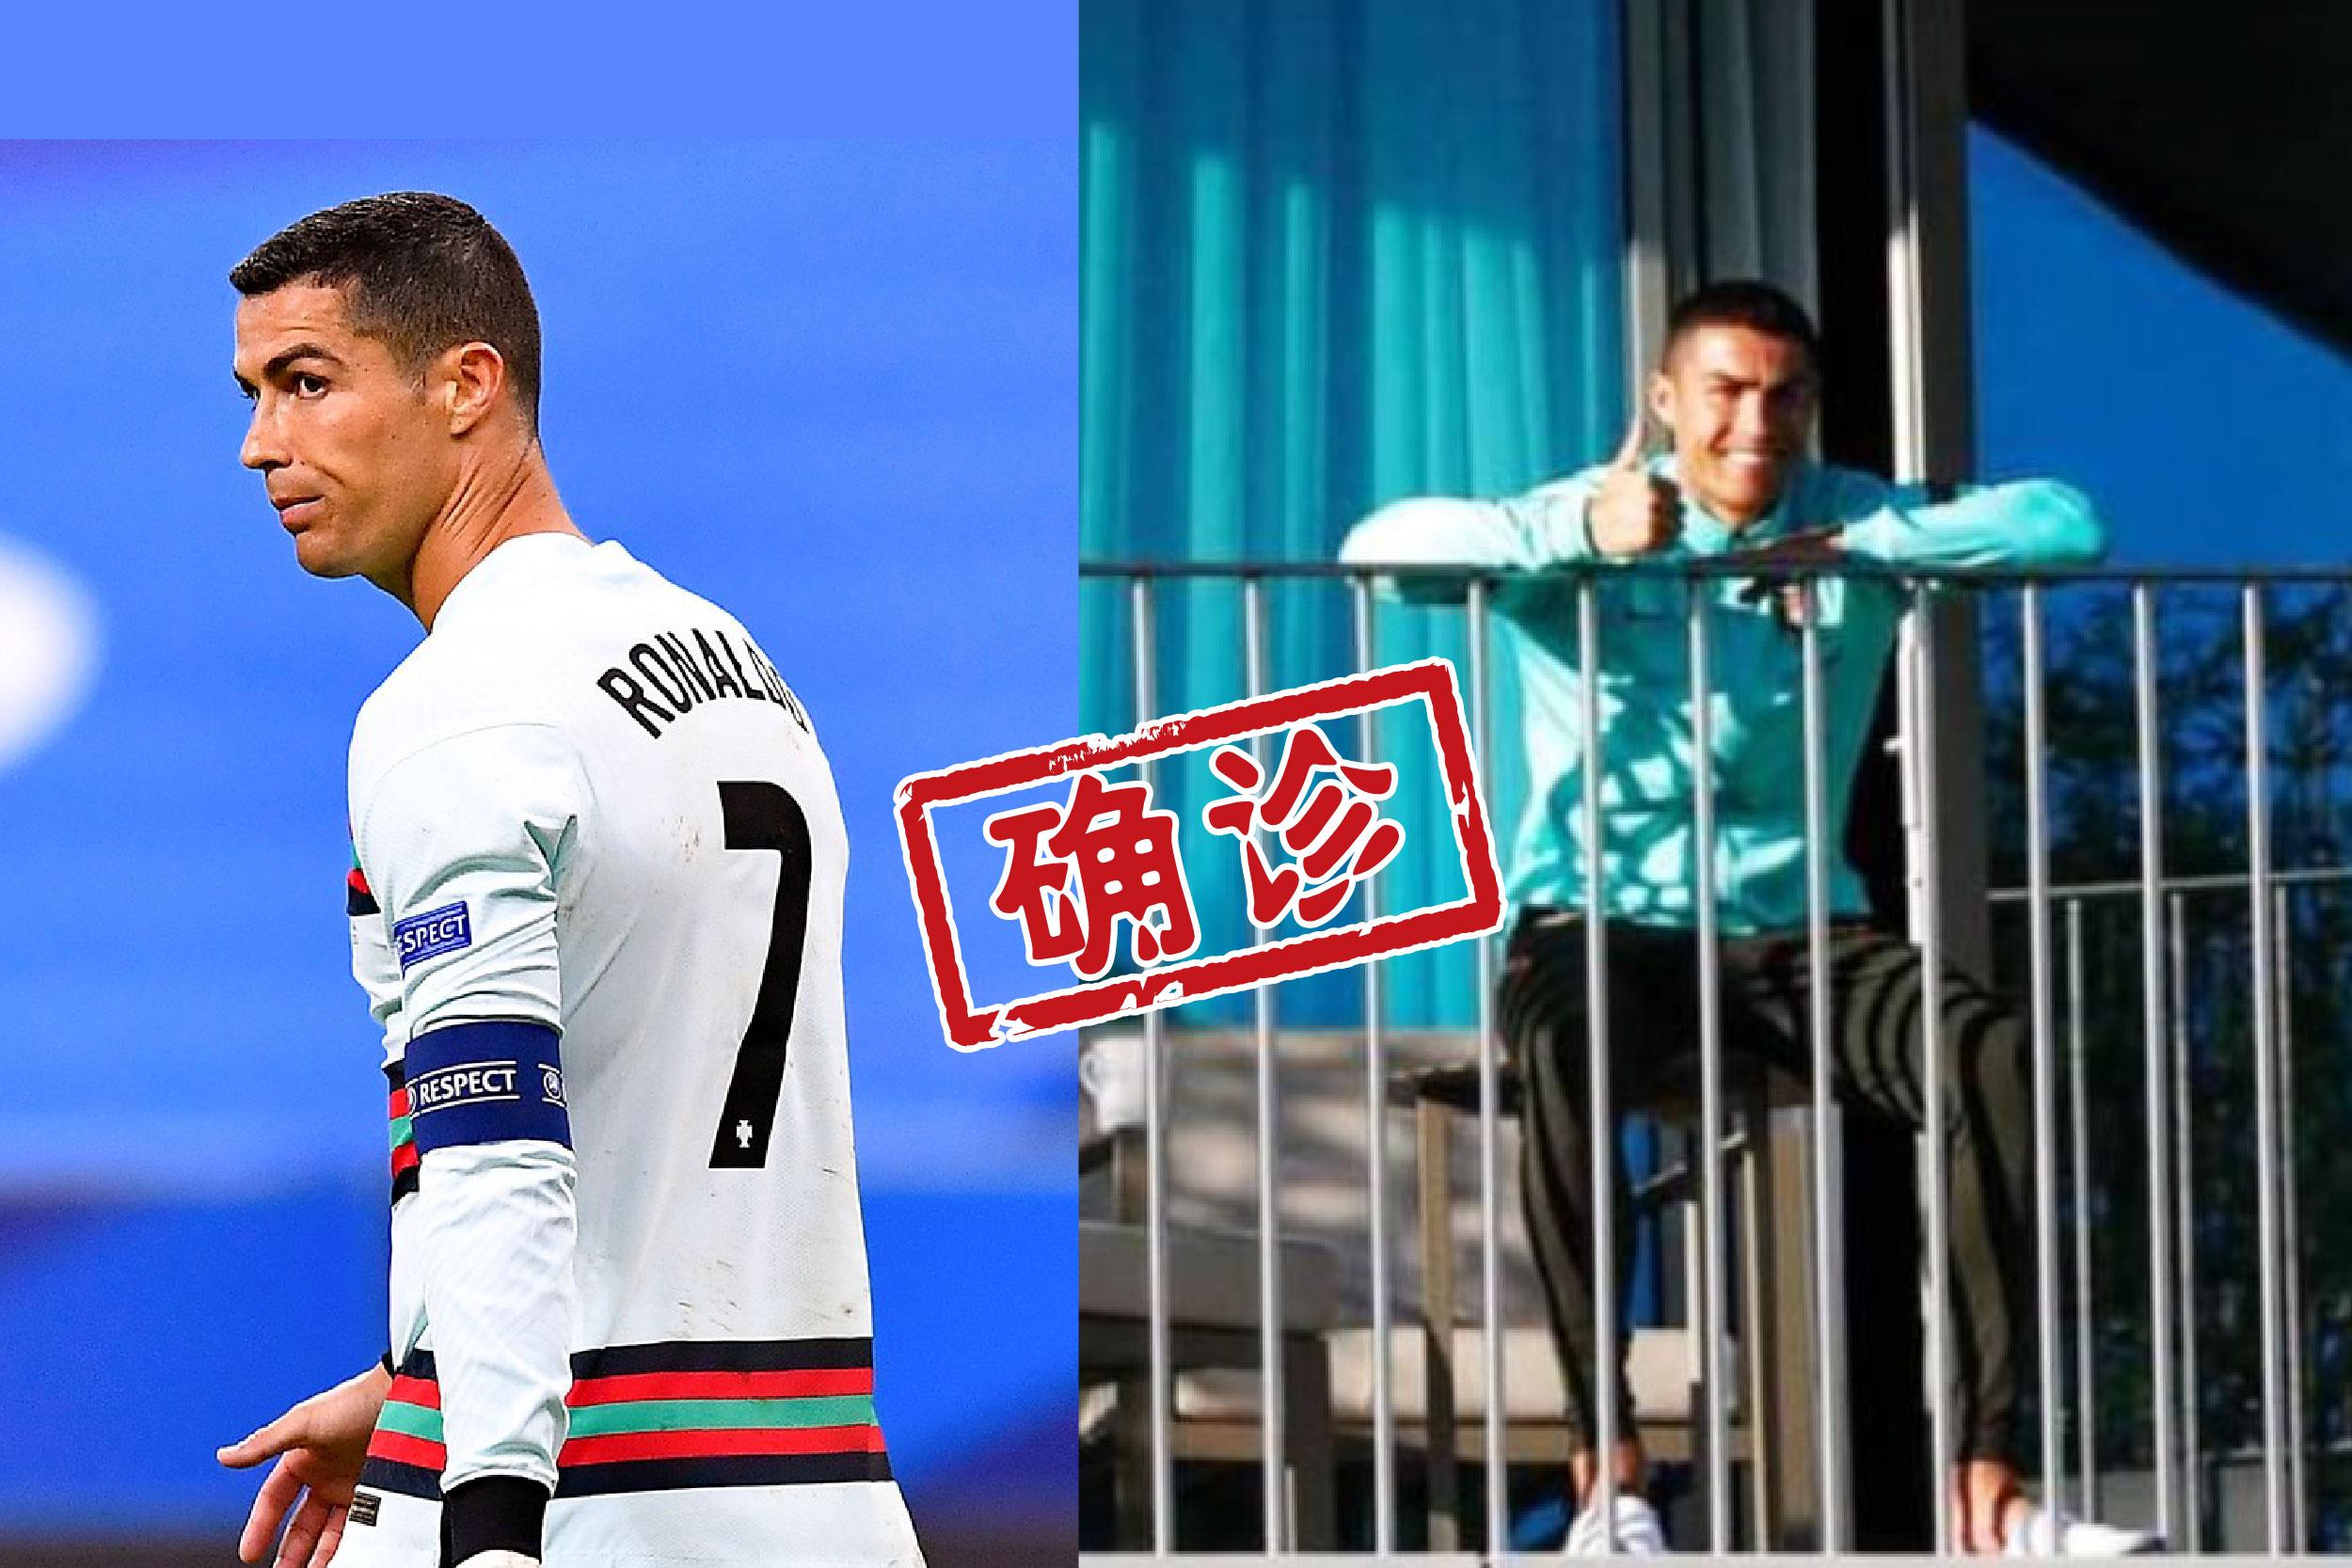 """C罗是葡萄牙和意甲球会尤文图斯的""""巨星"""",确诊后引起多方关注。-摘自推特/精彩大马制图-"""